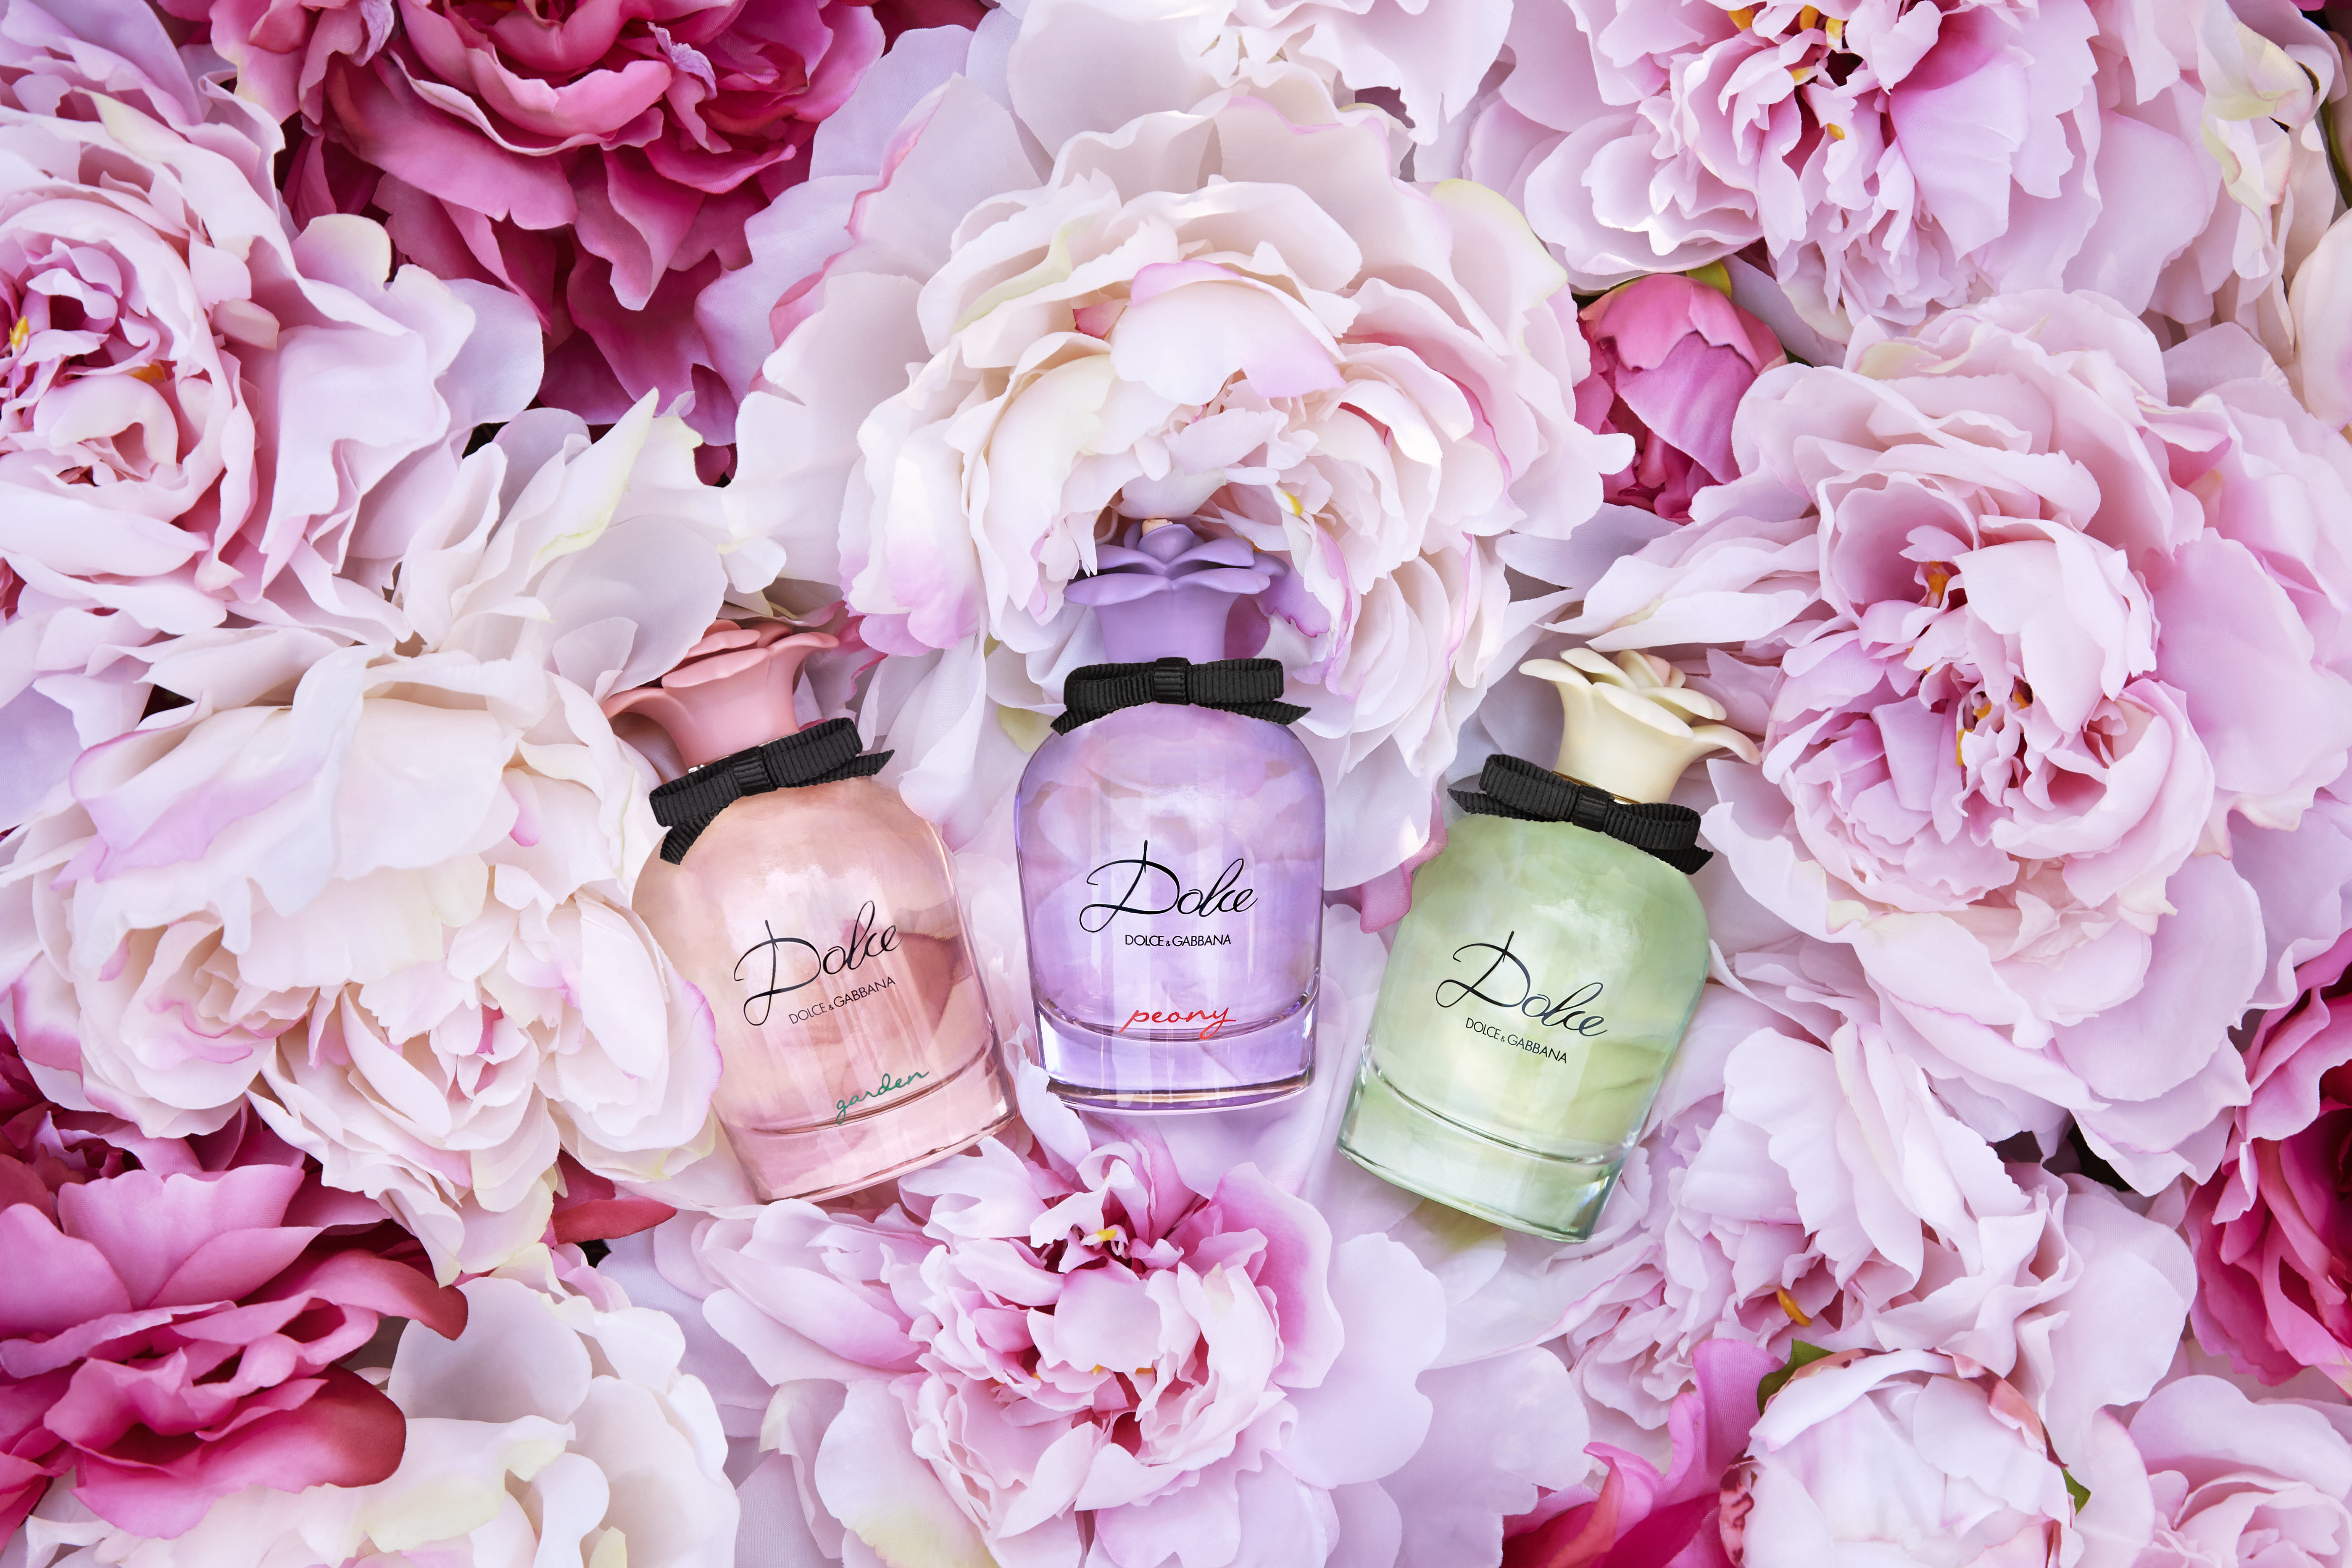 Dolce & Gabbana giới thiệu dòng nước hoa Dolce Peony 2